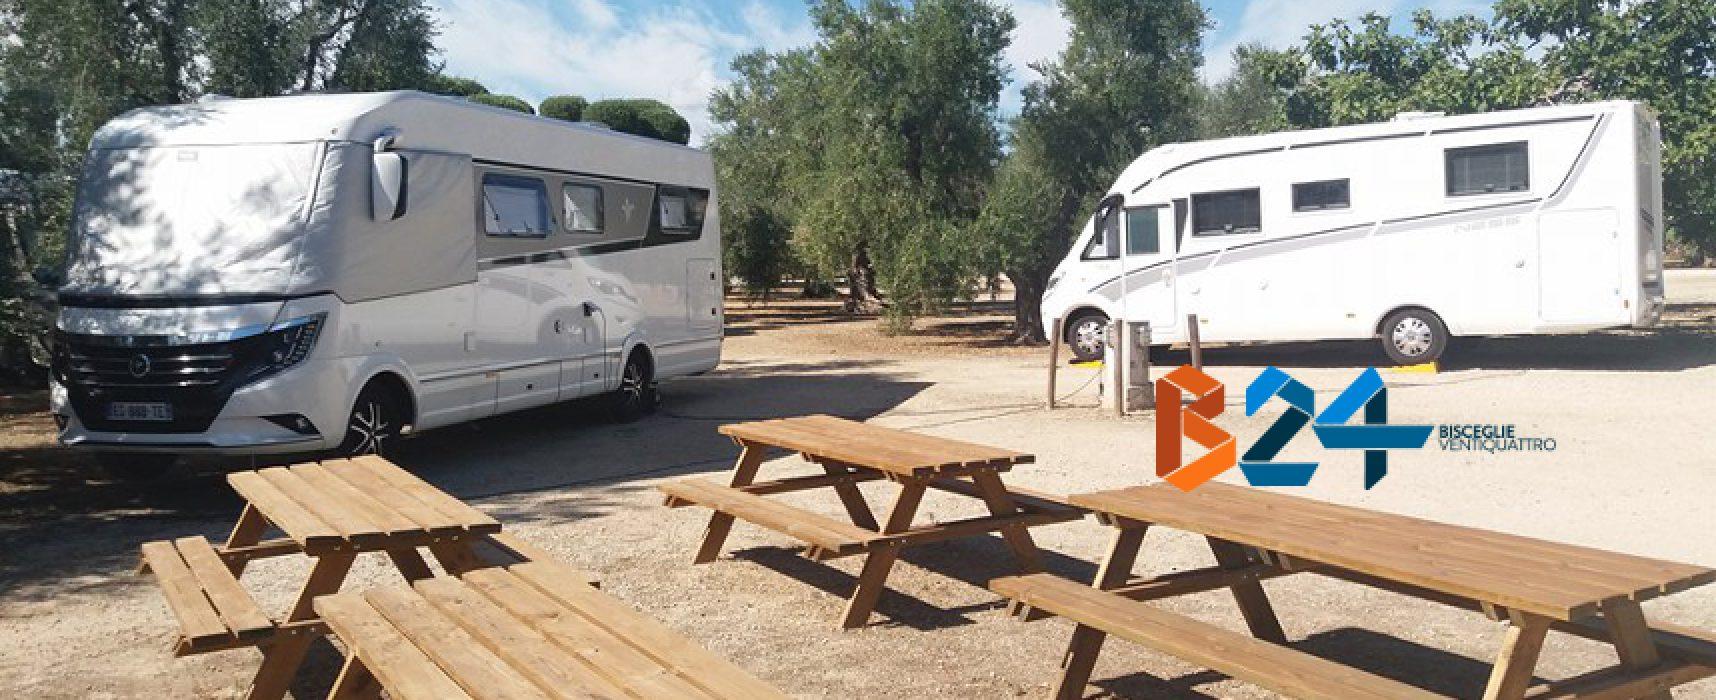 """Camperisti da tutta Europa a """"Brezza tra gli ulivi"""", tra visite guidate, tipicità culinarie e relax"""